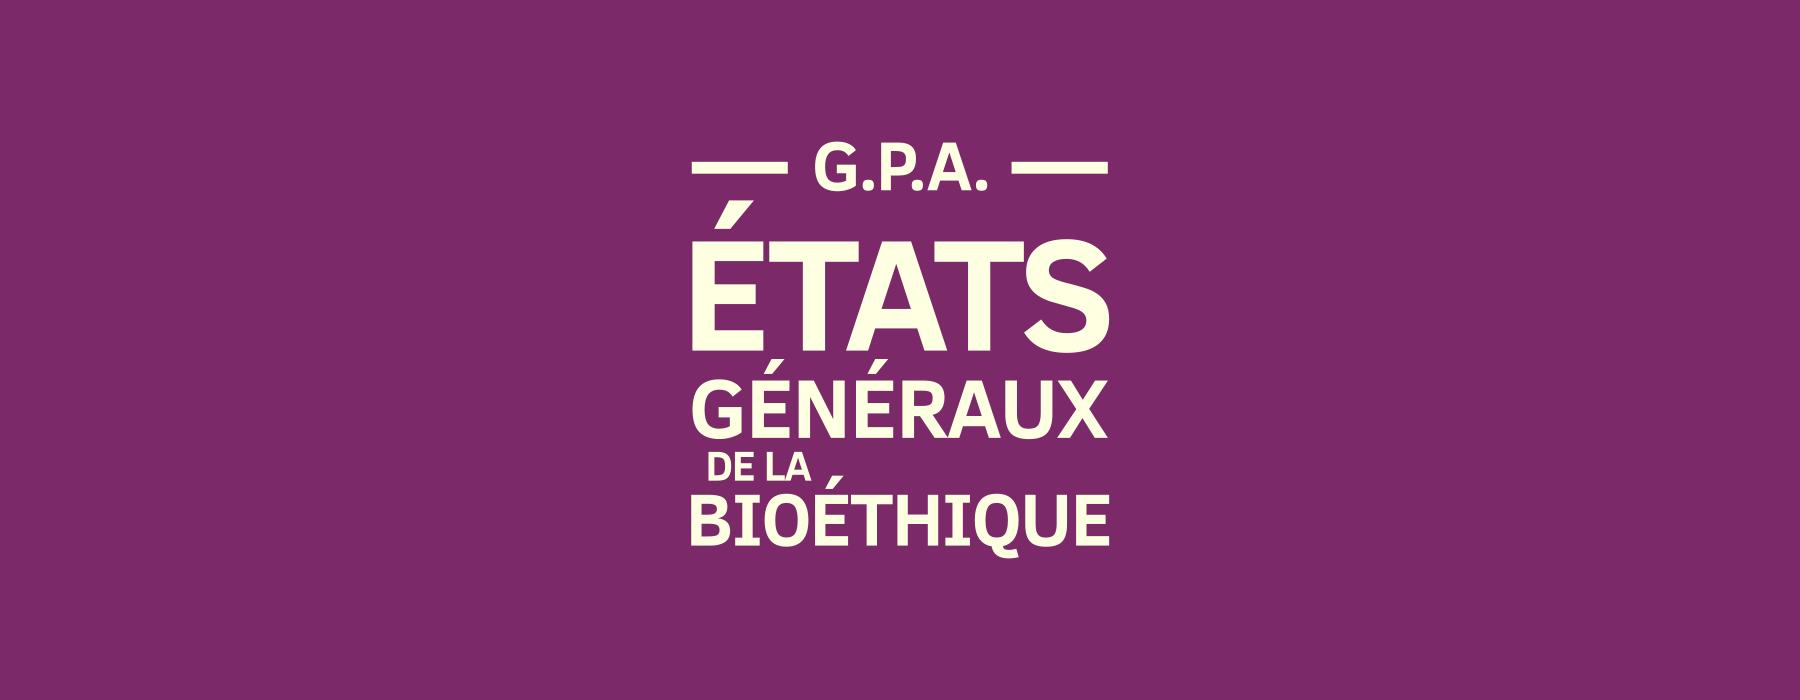 Contribution de l'association CQFD Lesbiennes féministes aux Etats Généraux de Bioéthique